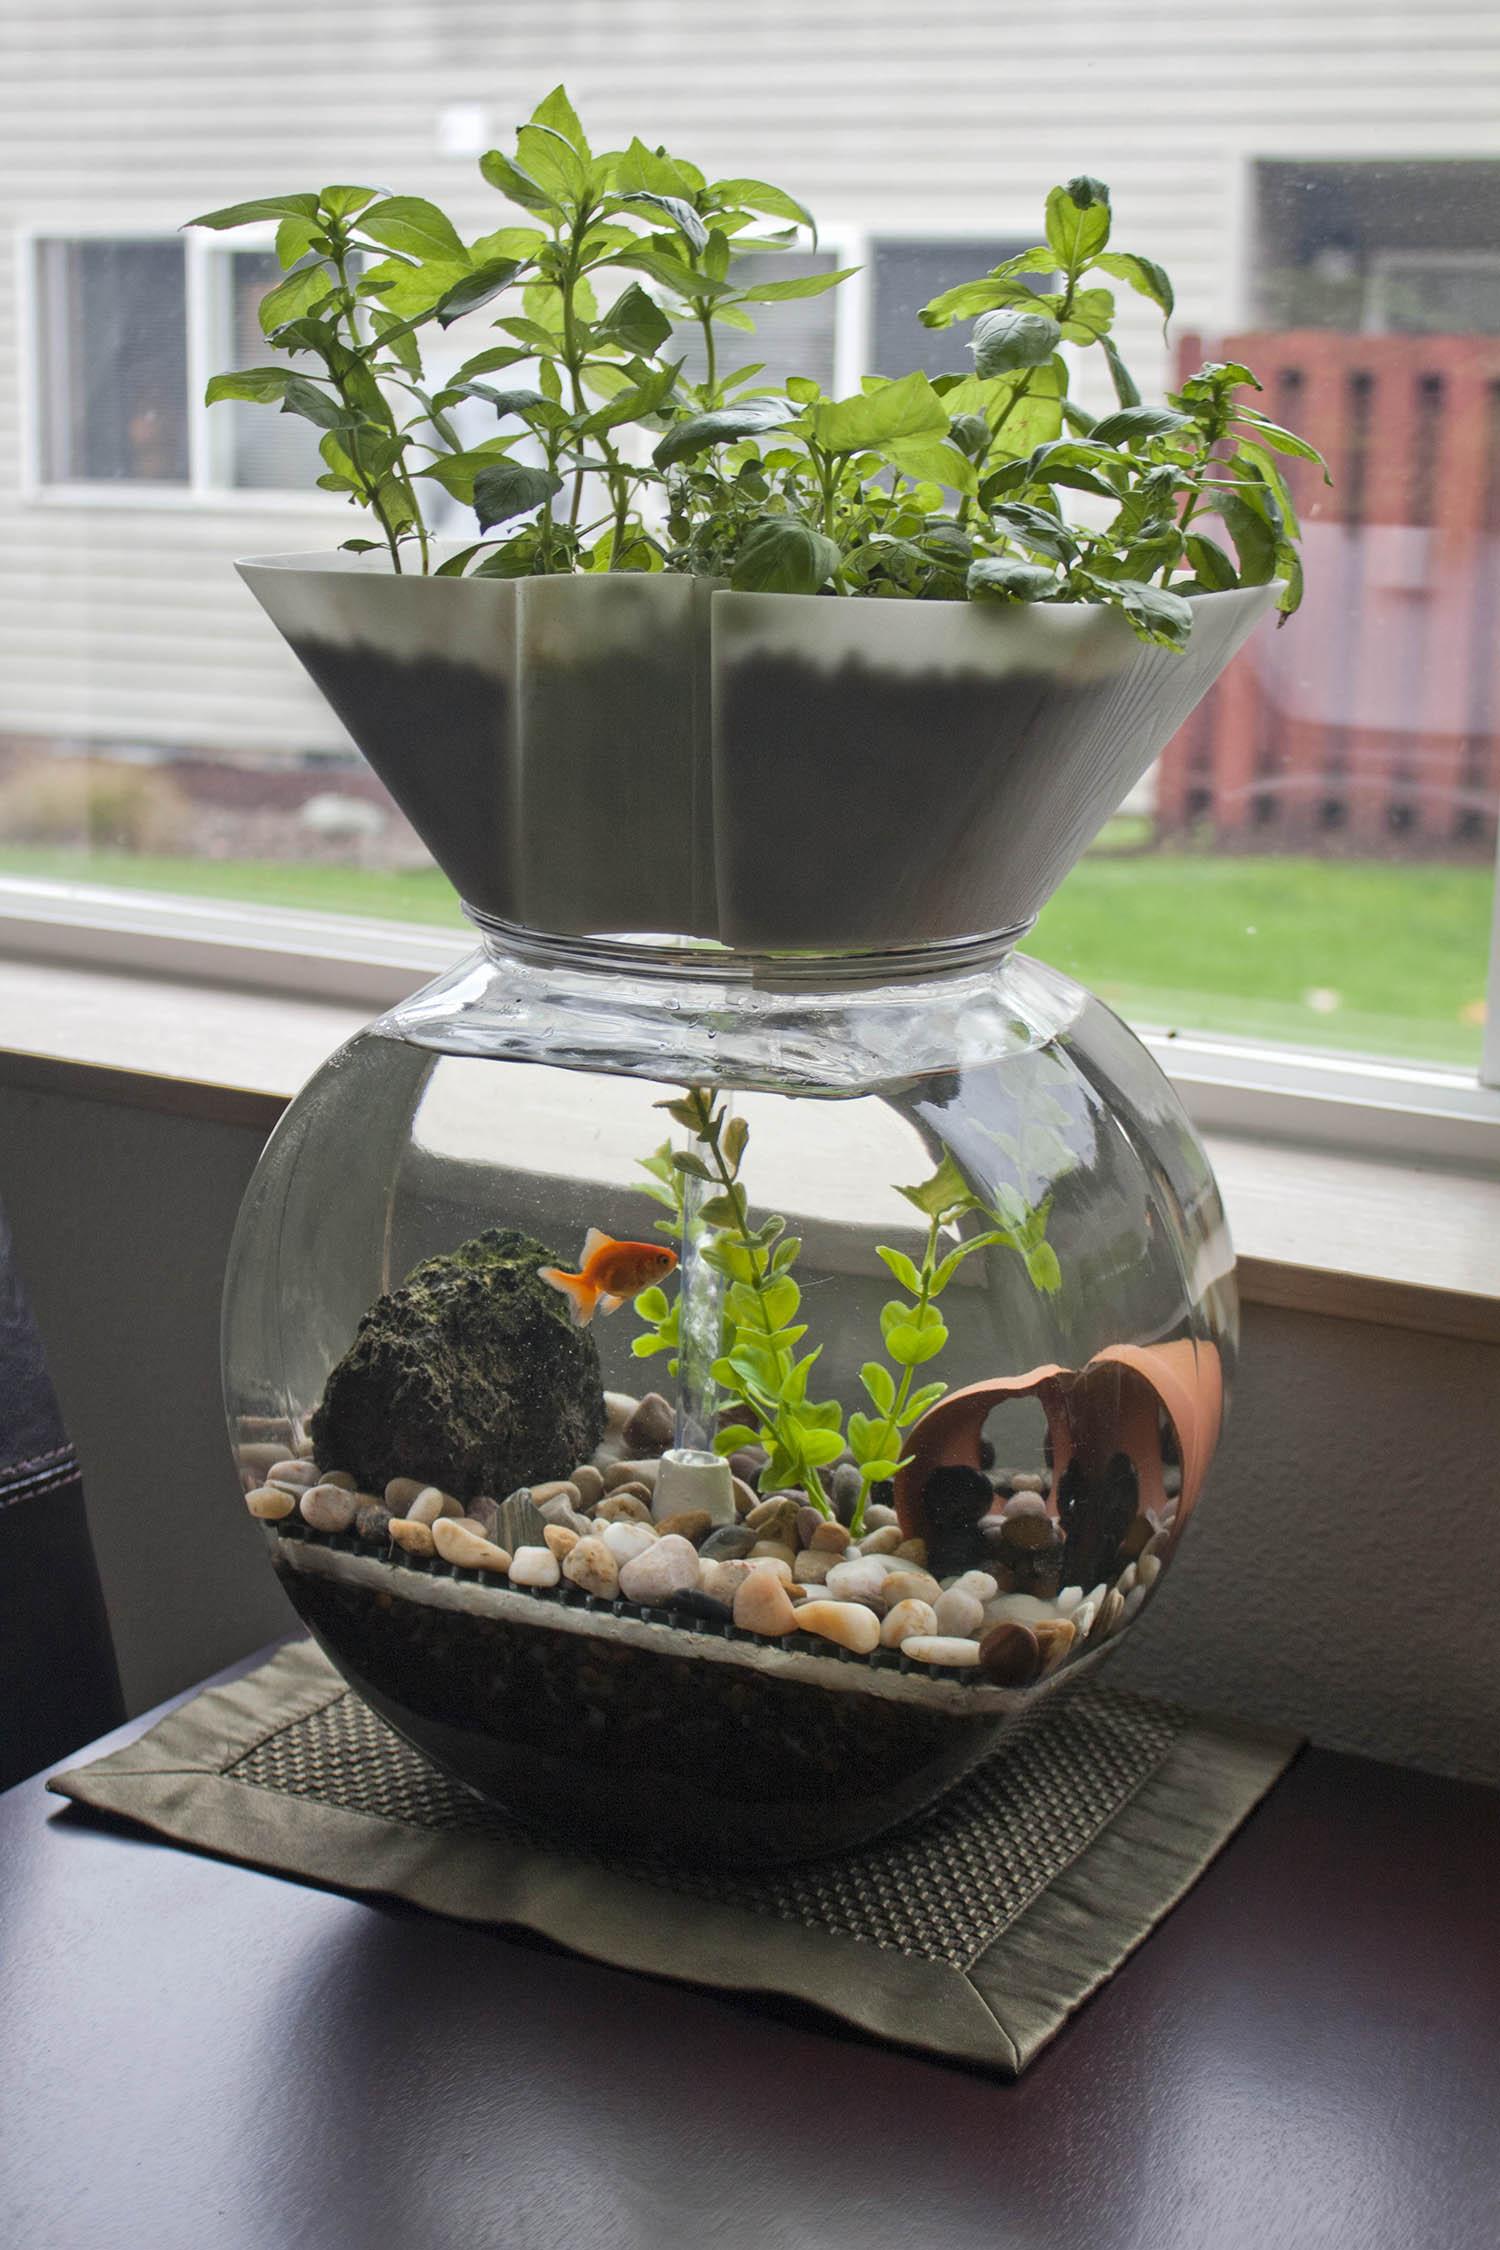 Alles wat je moet weten over aquaponics - Sensi Seeds Blog